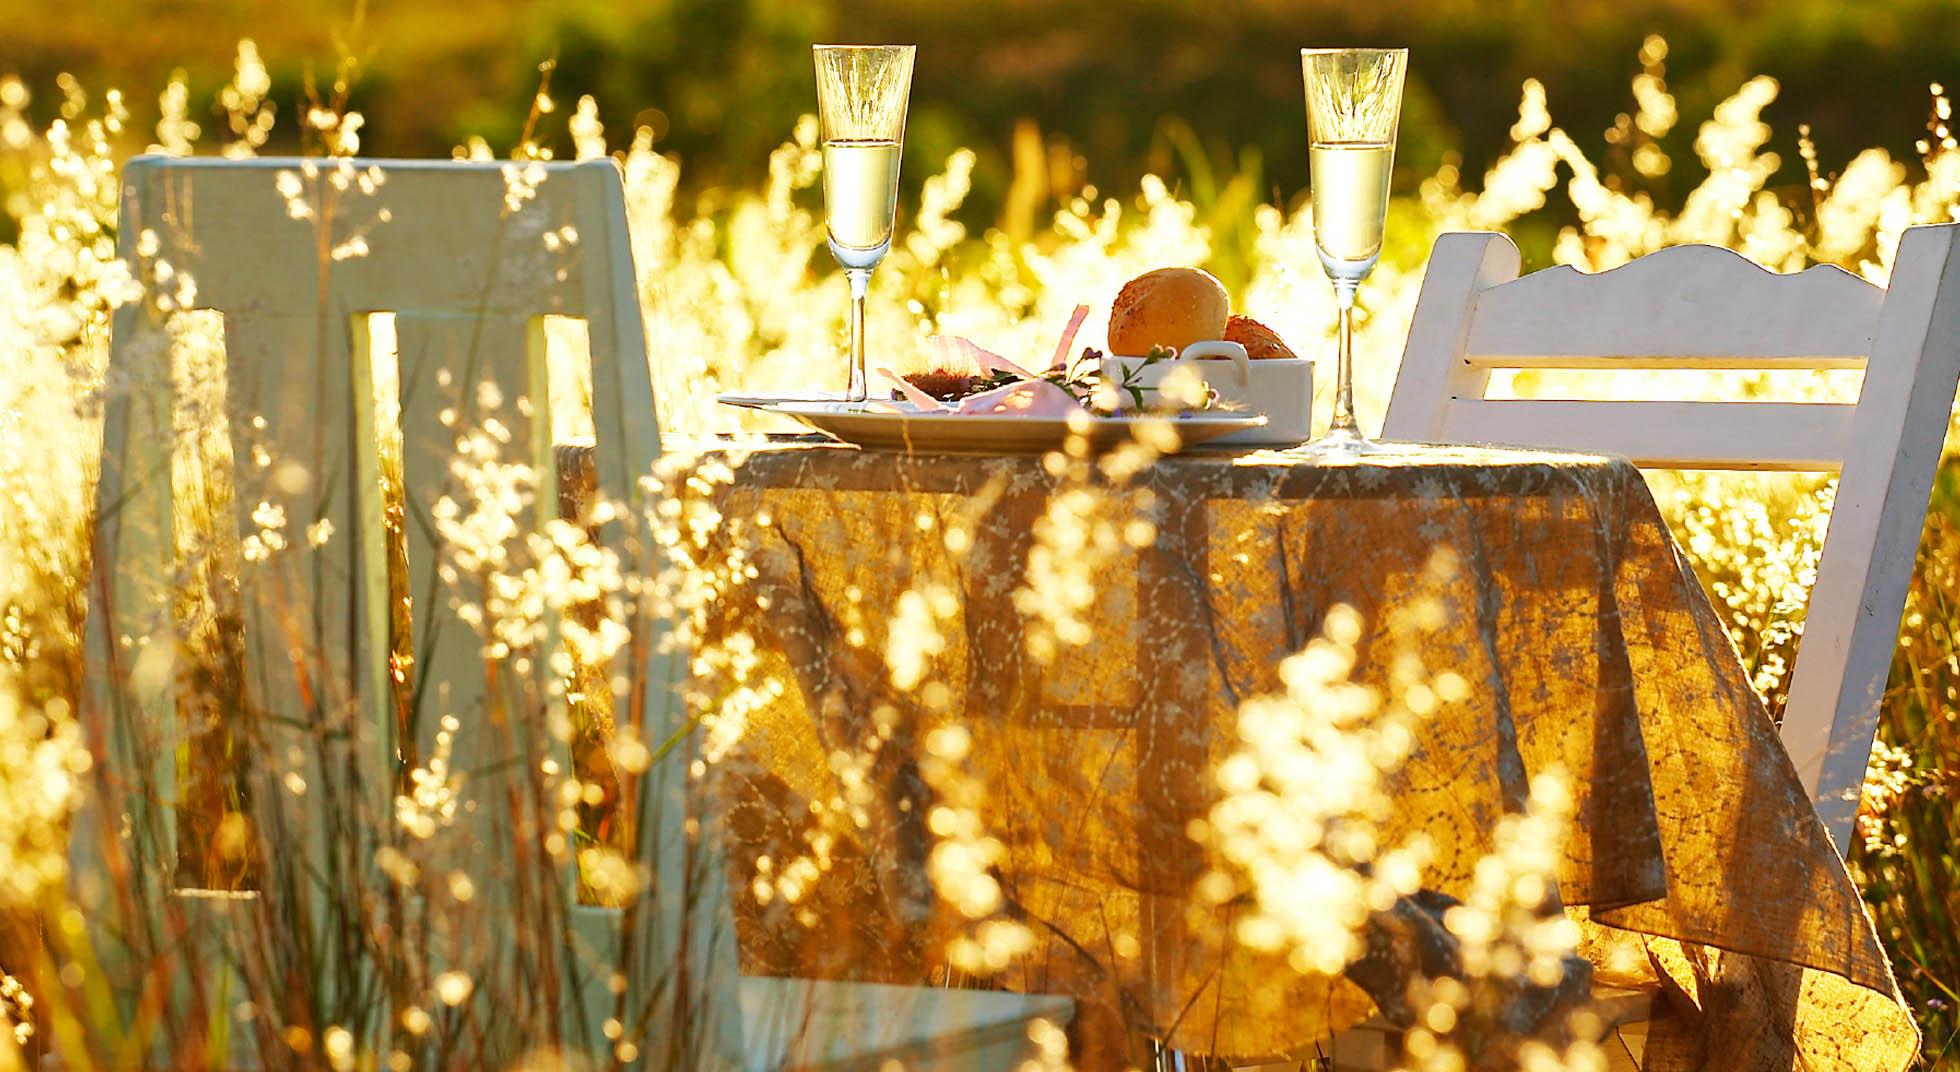 Come organizzare una cena romantica in giardino aia food - Idee cena romantica a casa ...